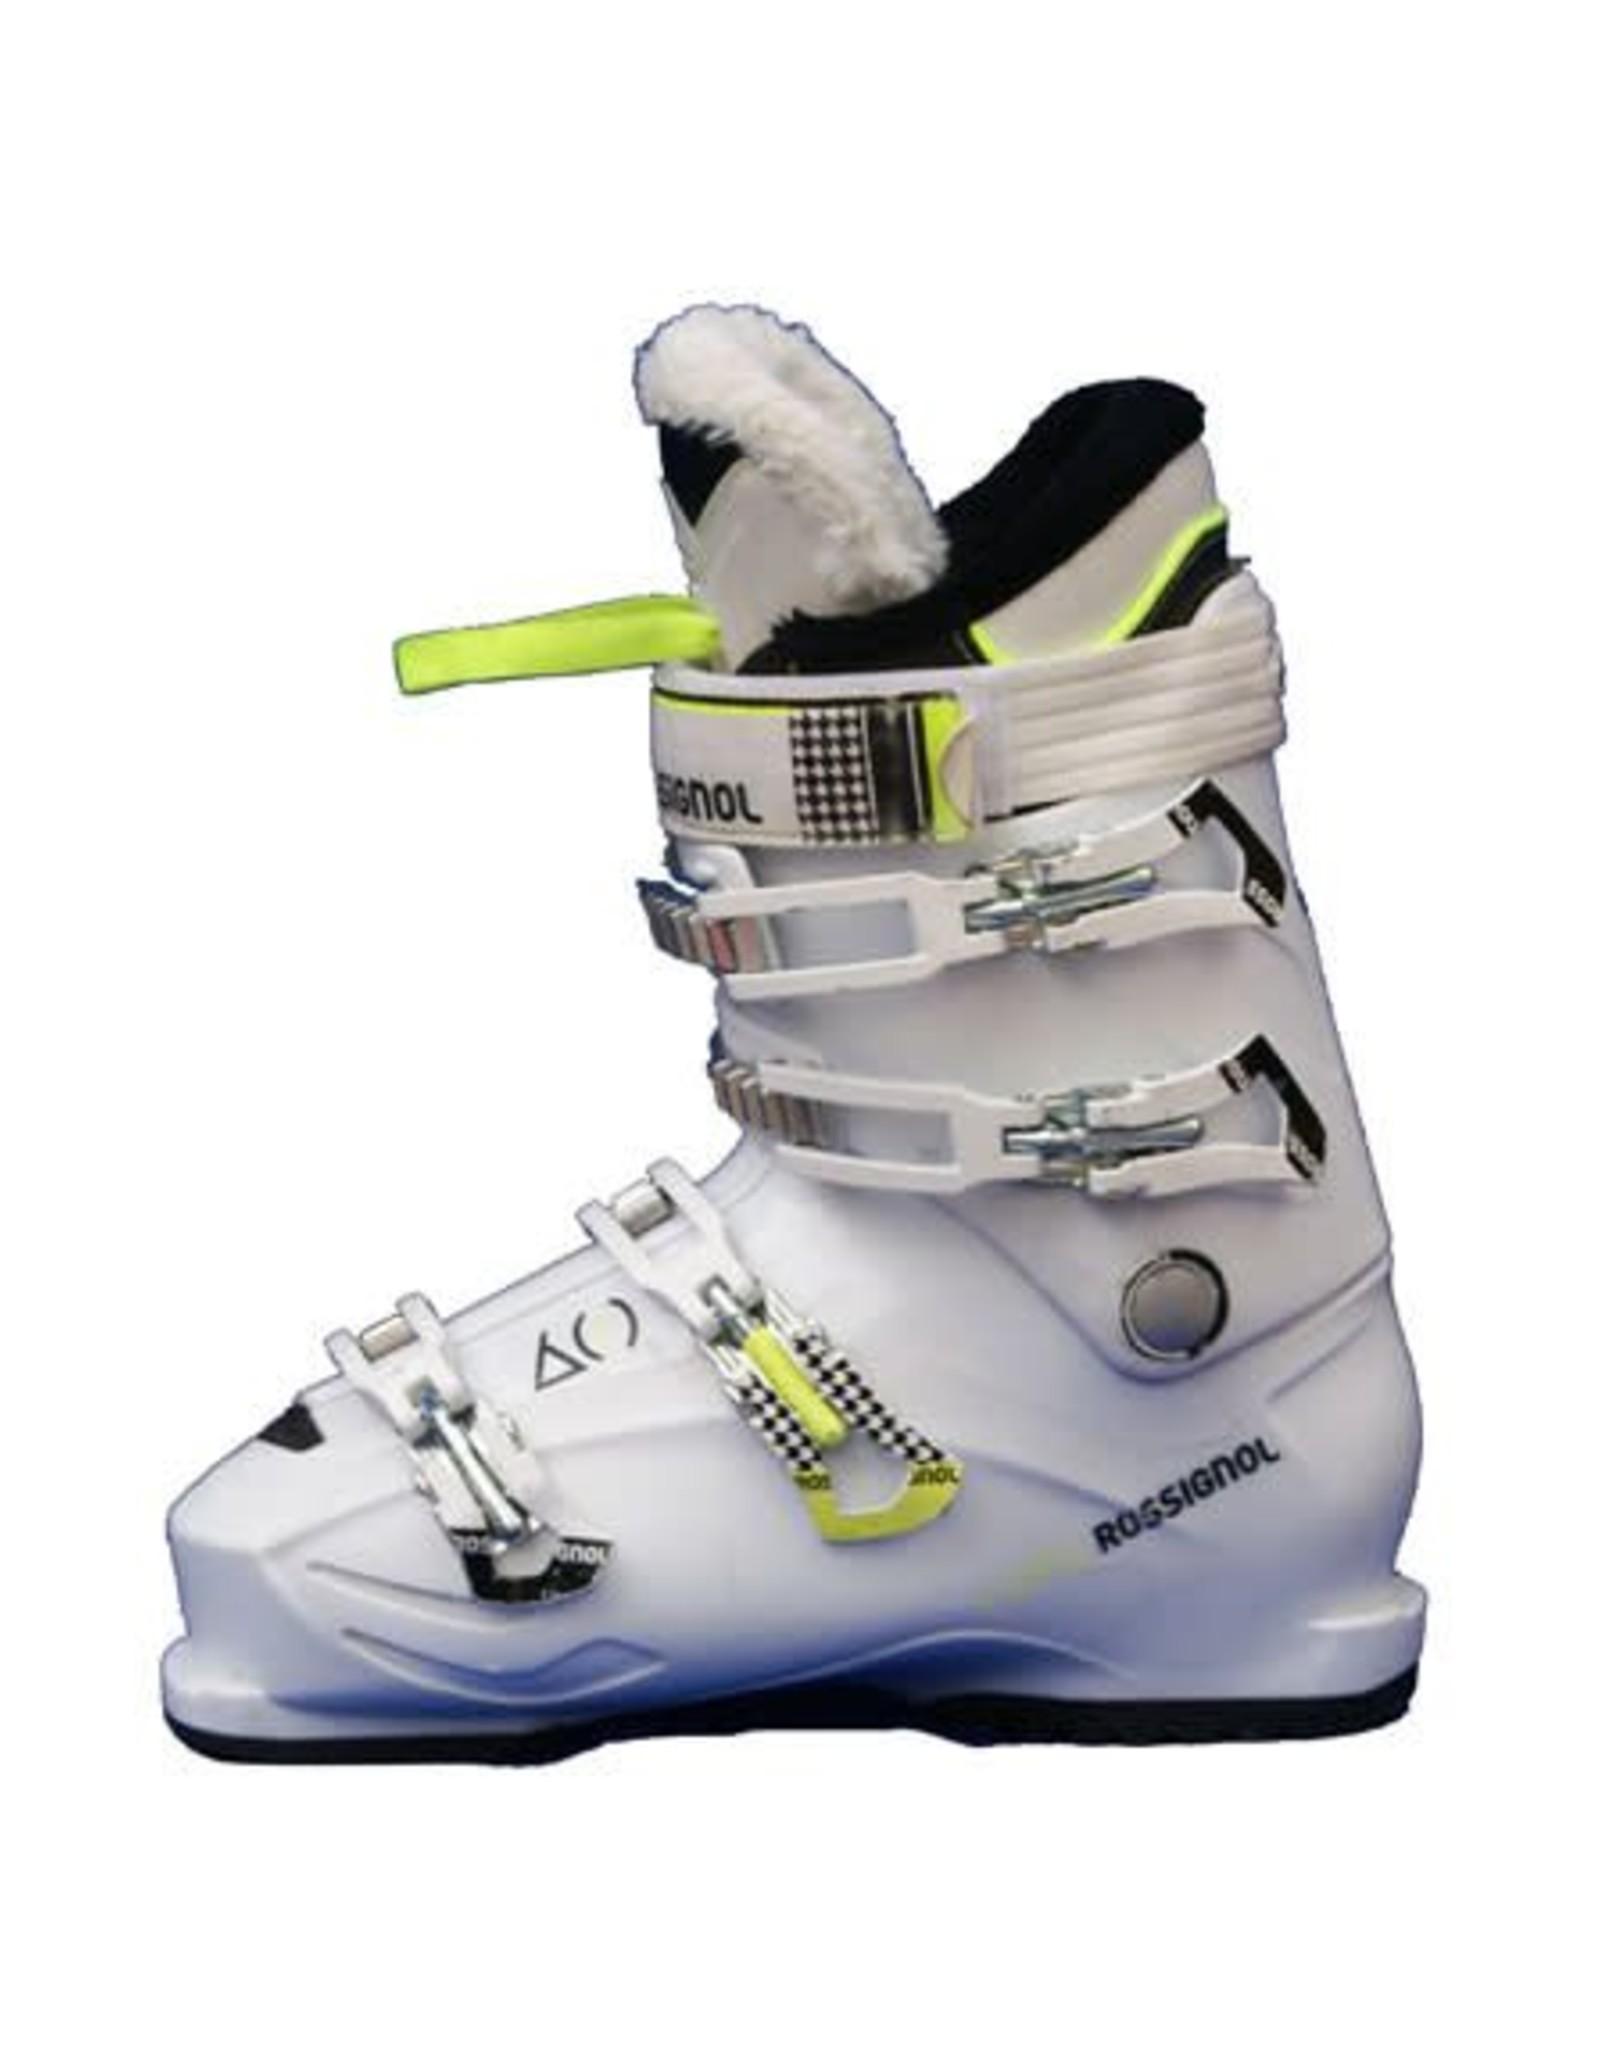 ROSSIGNOL Skischoenen ROSSIGNOL Kiara 60 Gebruikt